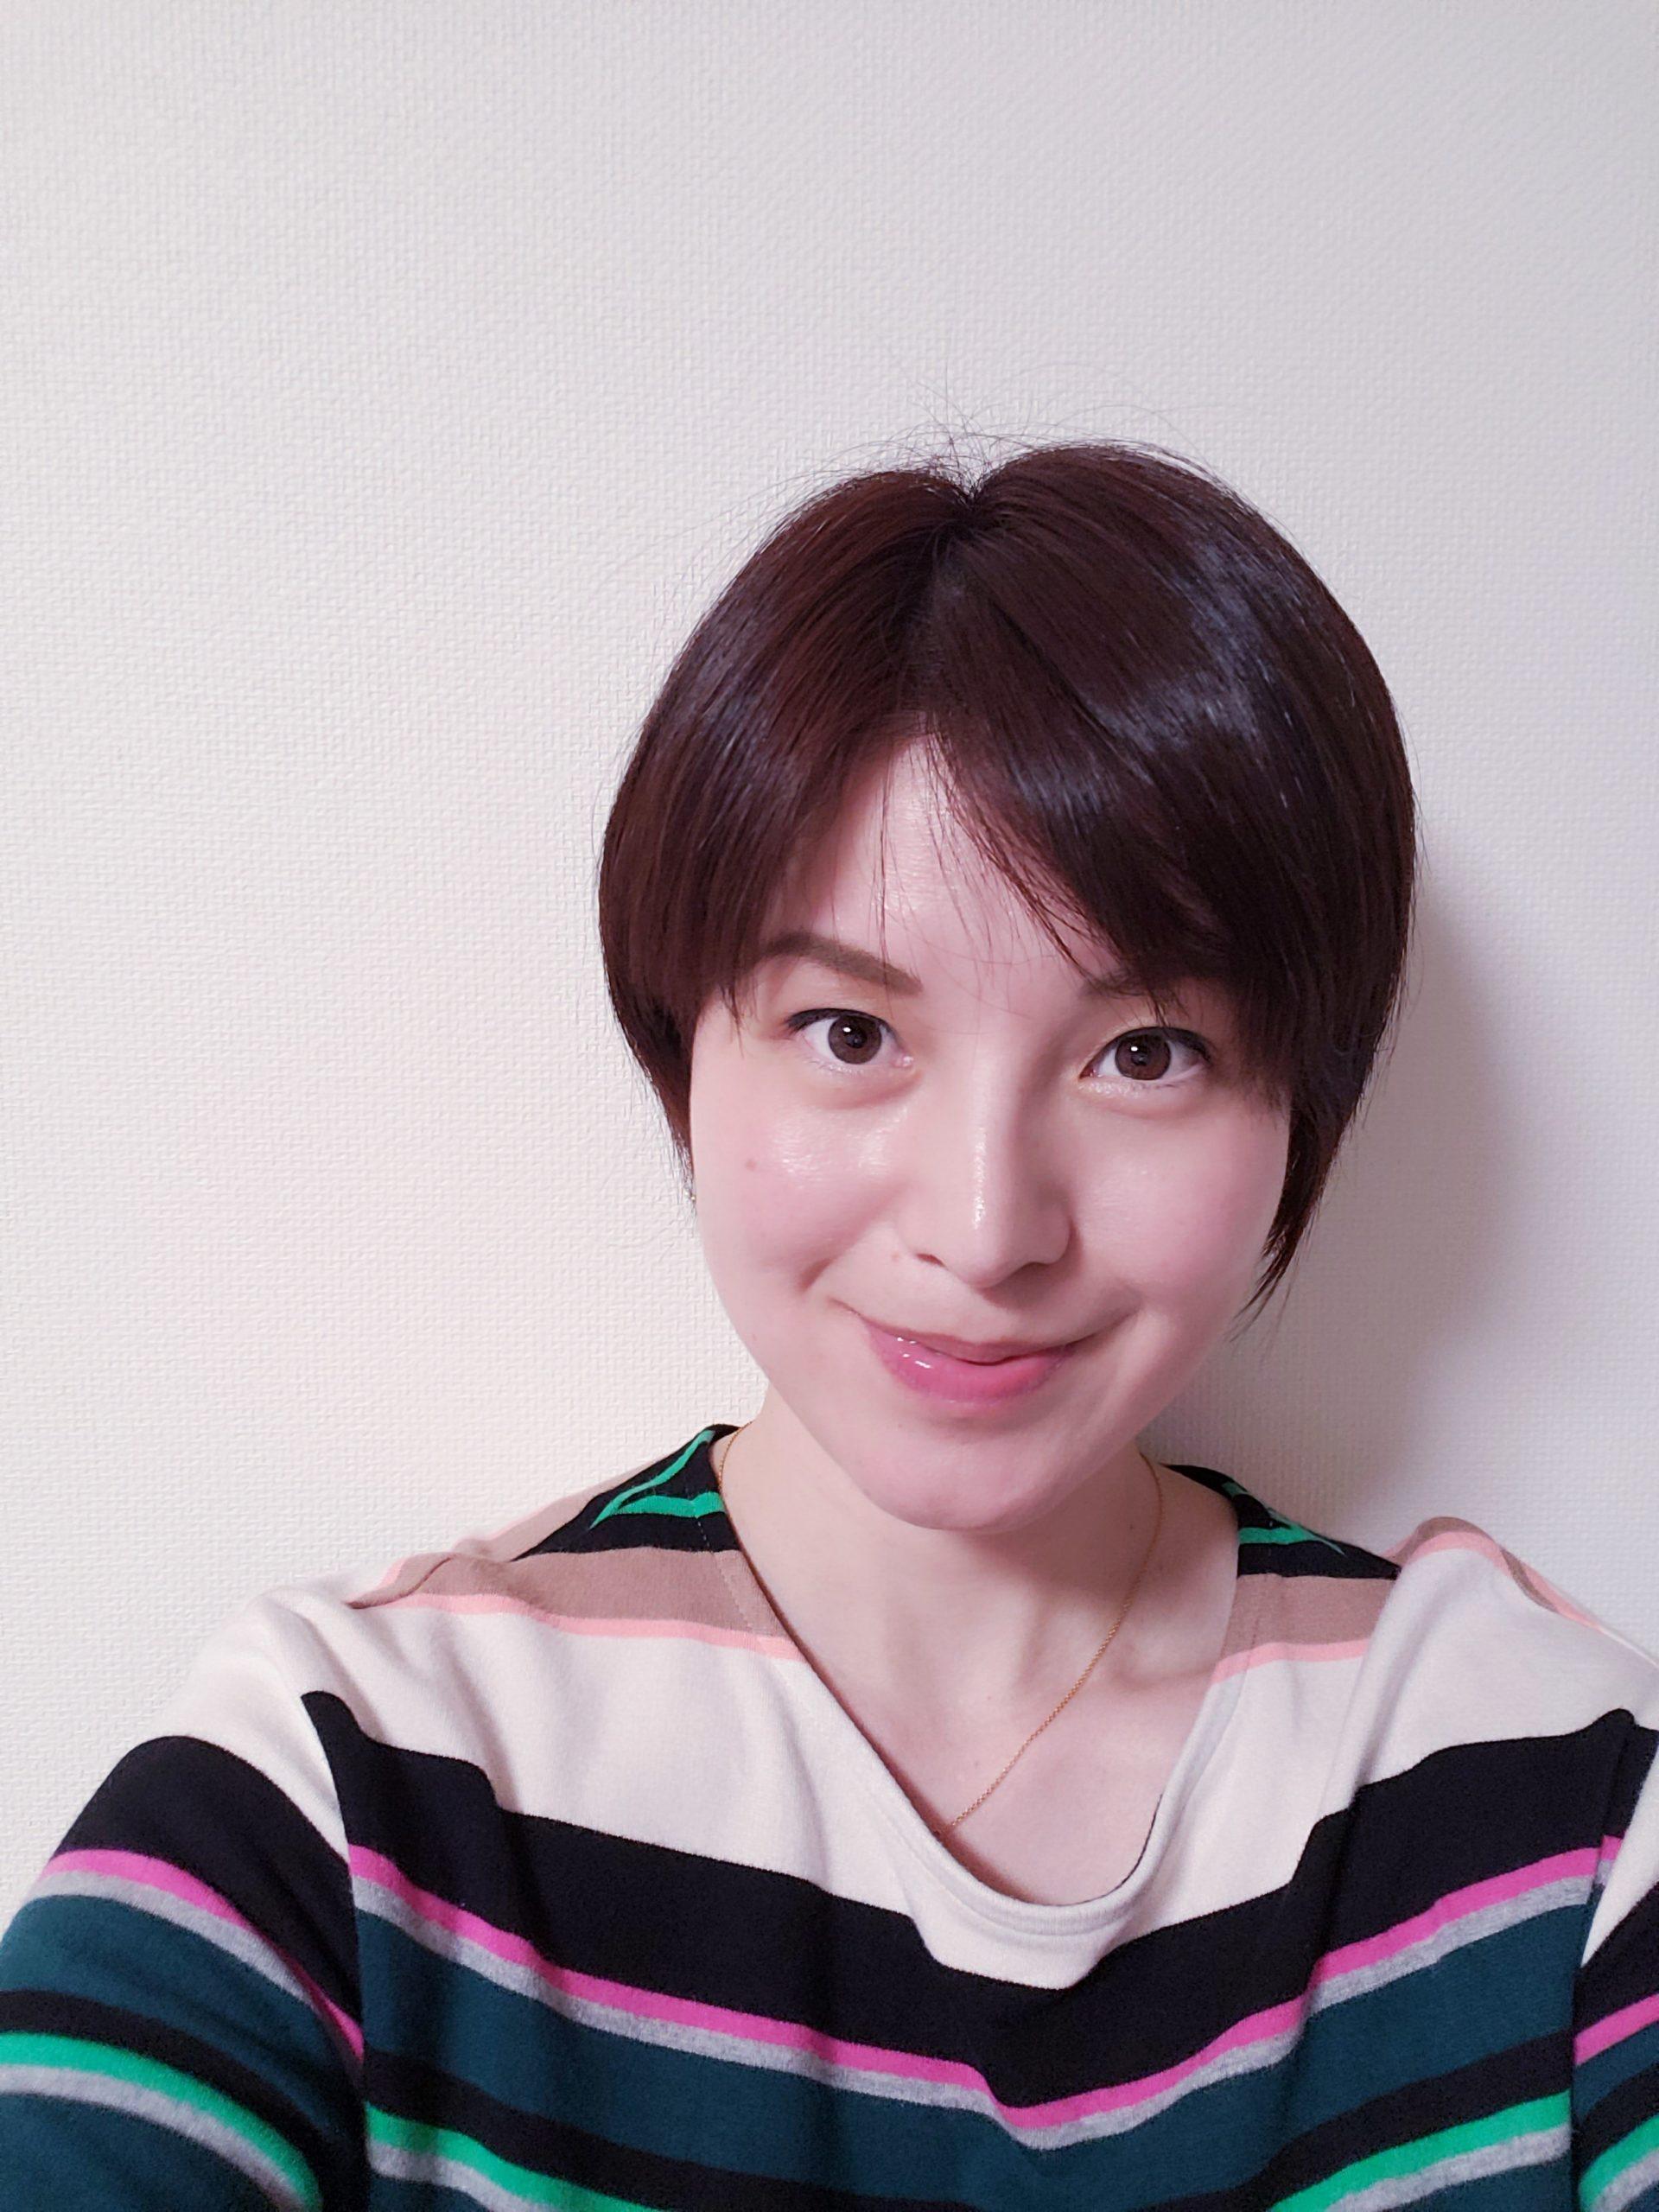 インテリアデザイナー講座卒業深水心さん